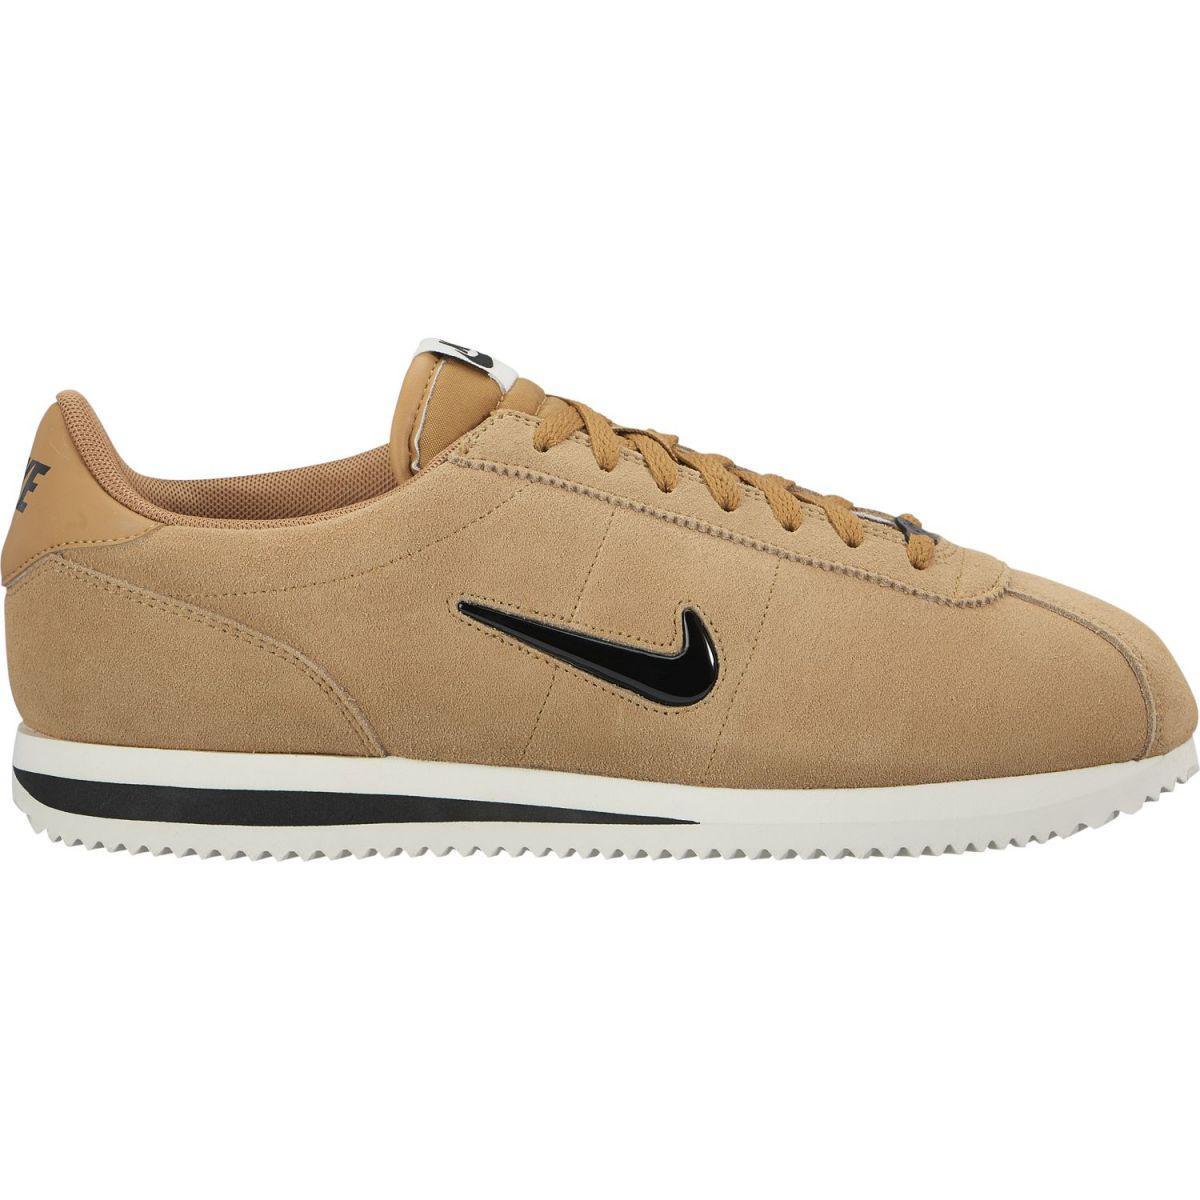 ba610654f40f42 Оригинальные мужские кроссовки NIKE CORTEZ BASIC SE: продажа, цена в ...